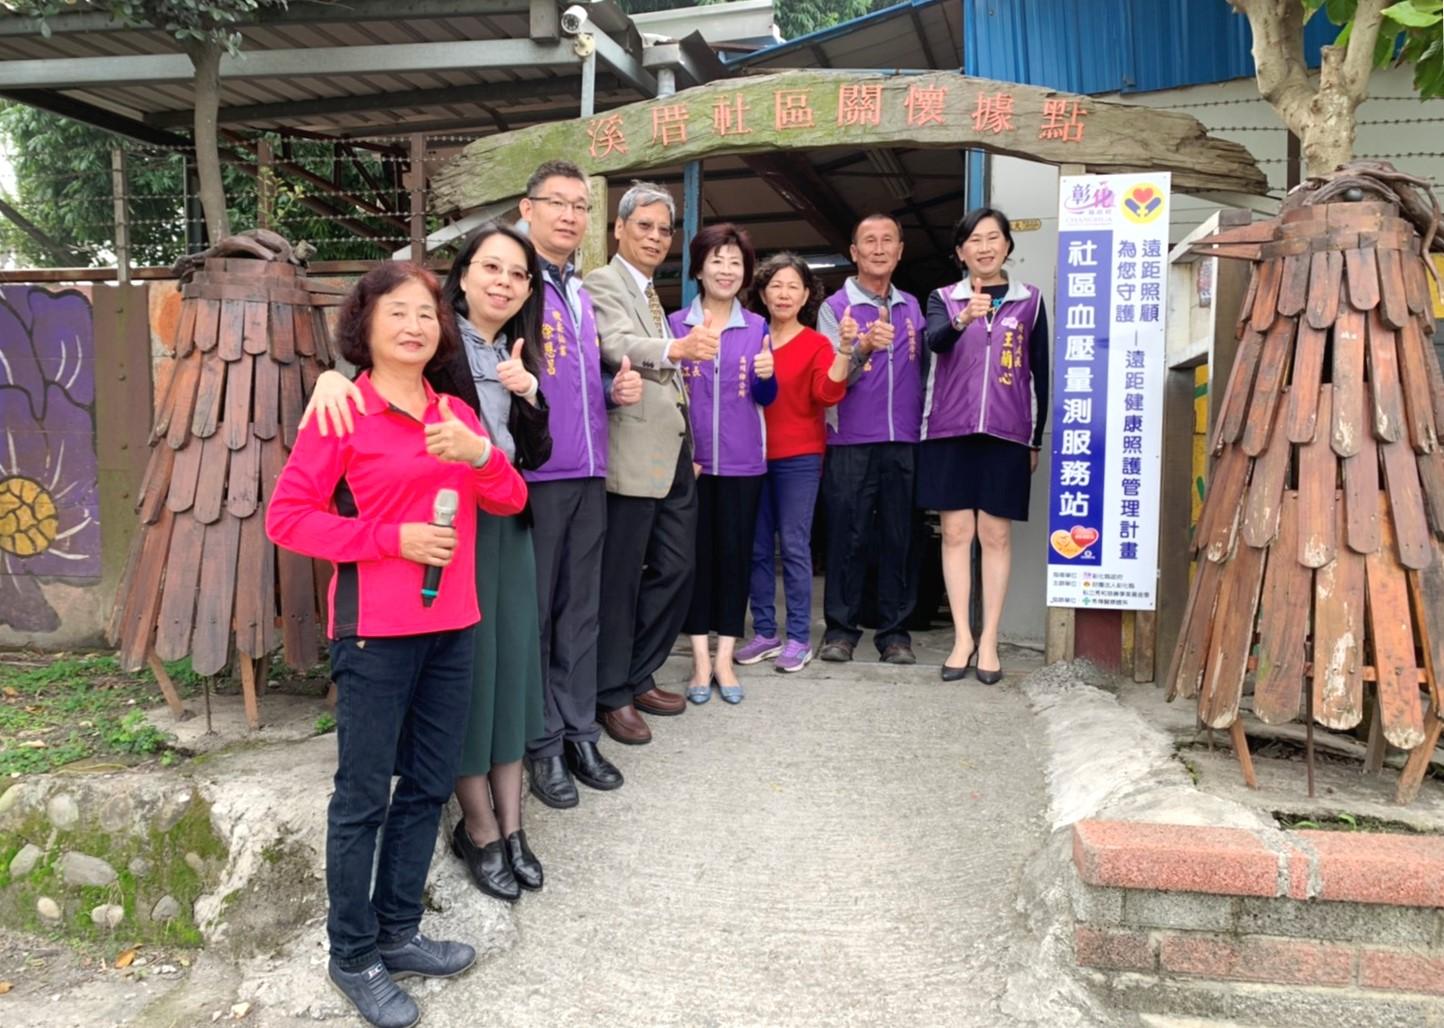 溪州鄉溪厝社區遠距健康照護血壓量測站 揭牌儀式